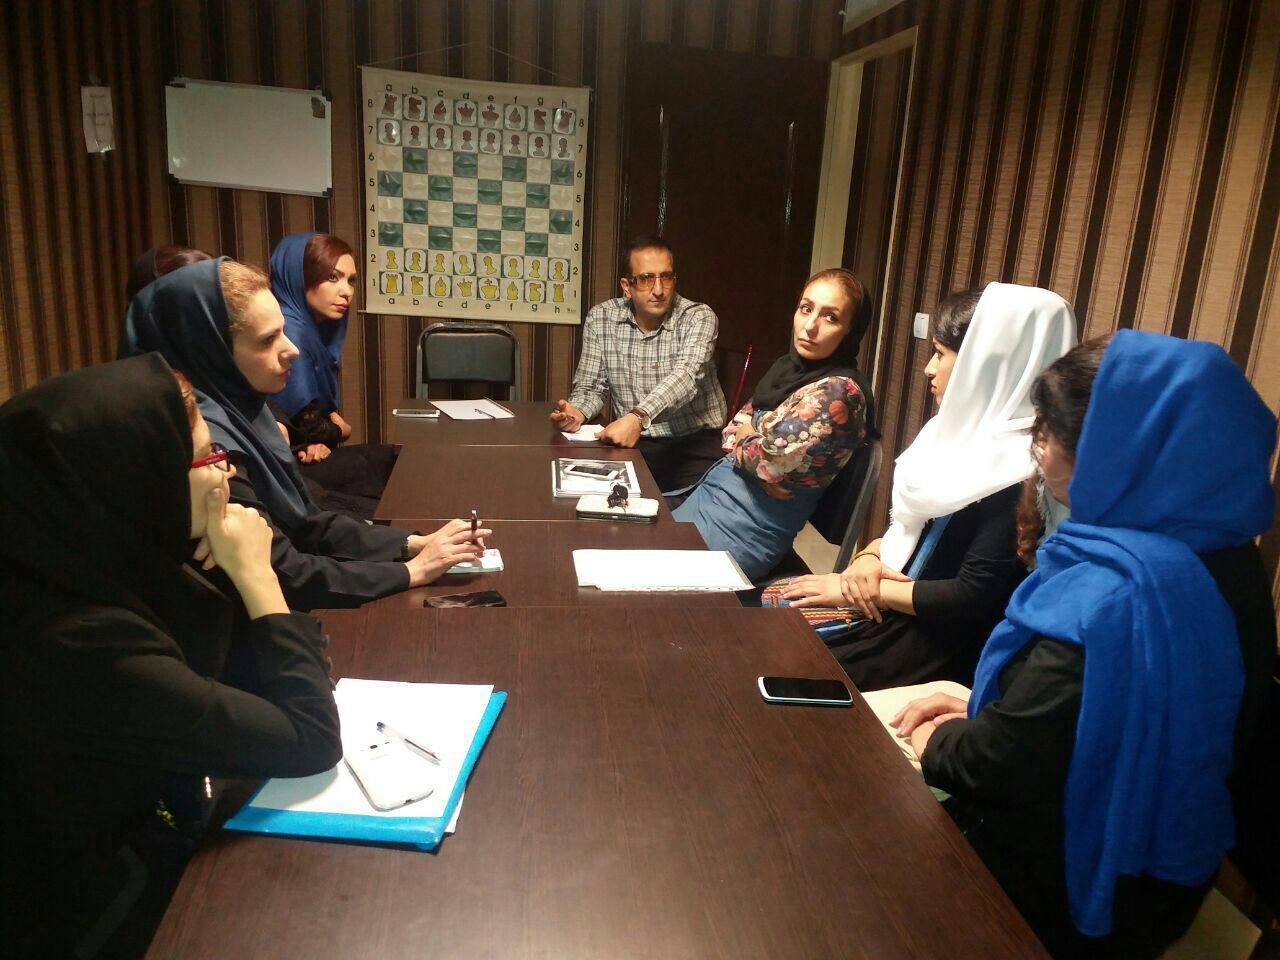 جلسه فصلی مربیان مدرسه هیئت شطرنج تهران